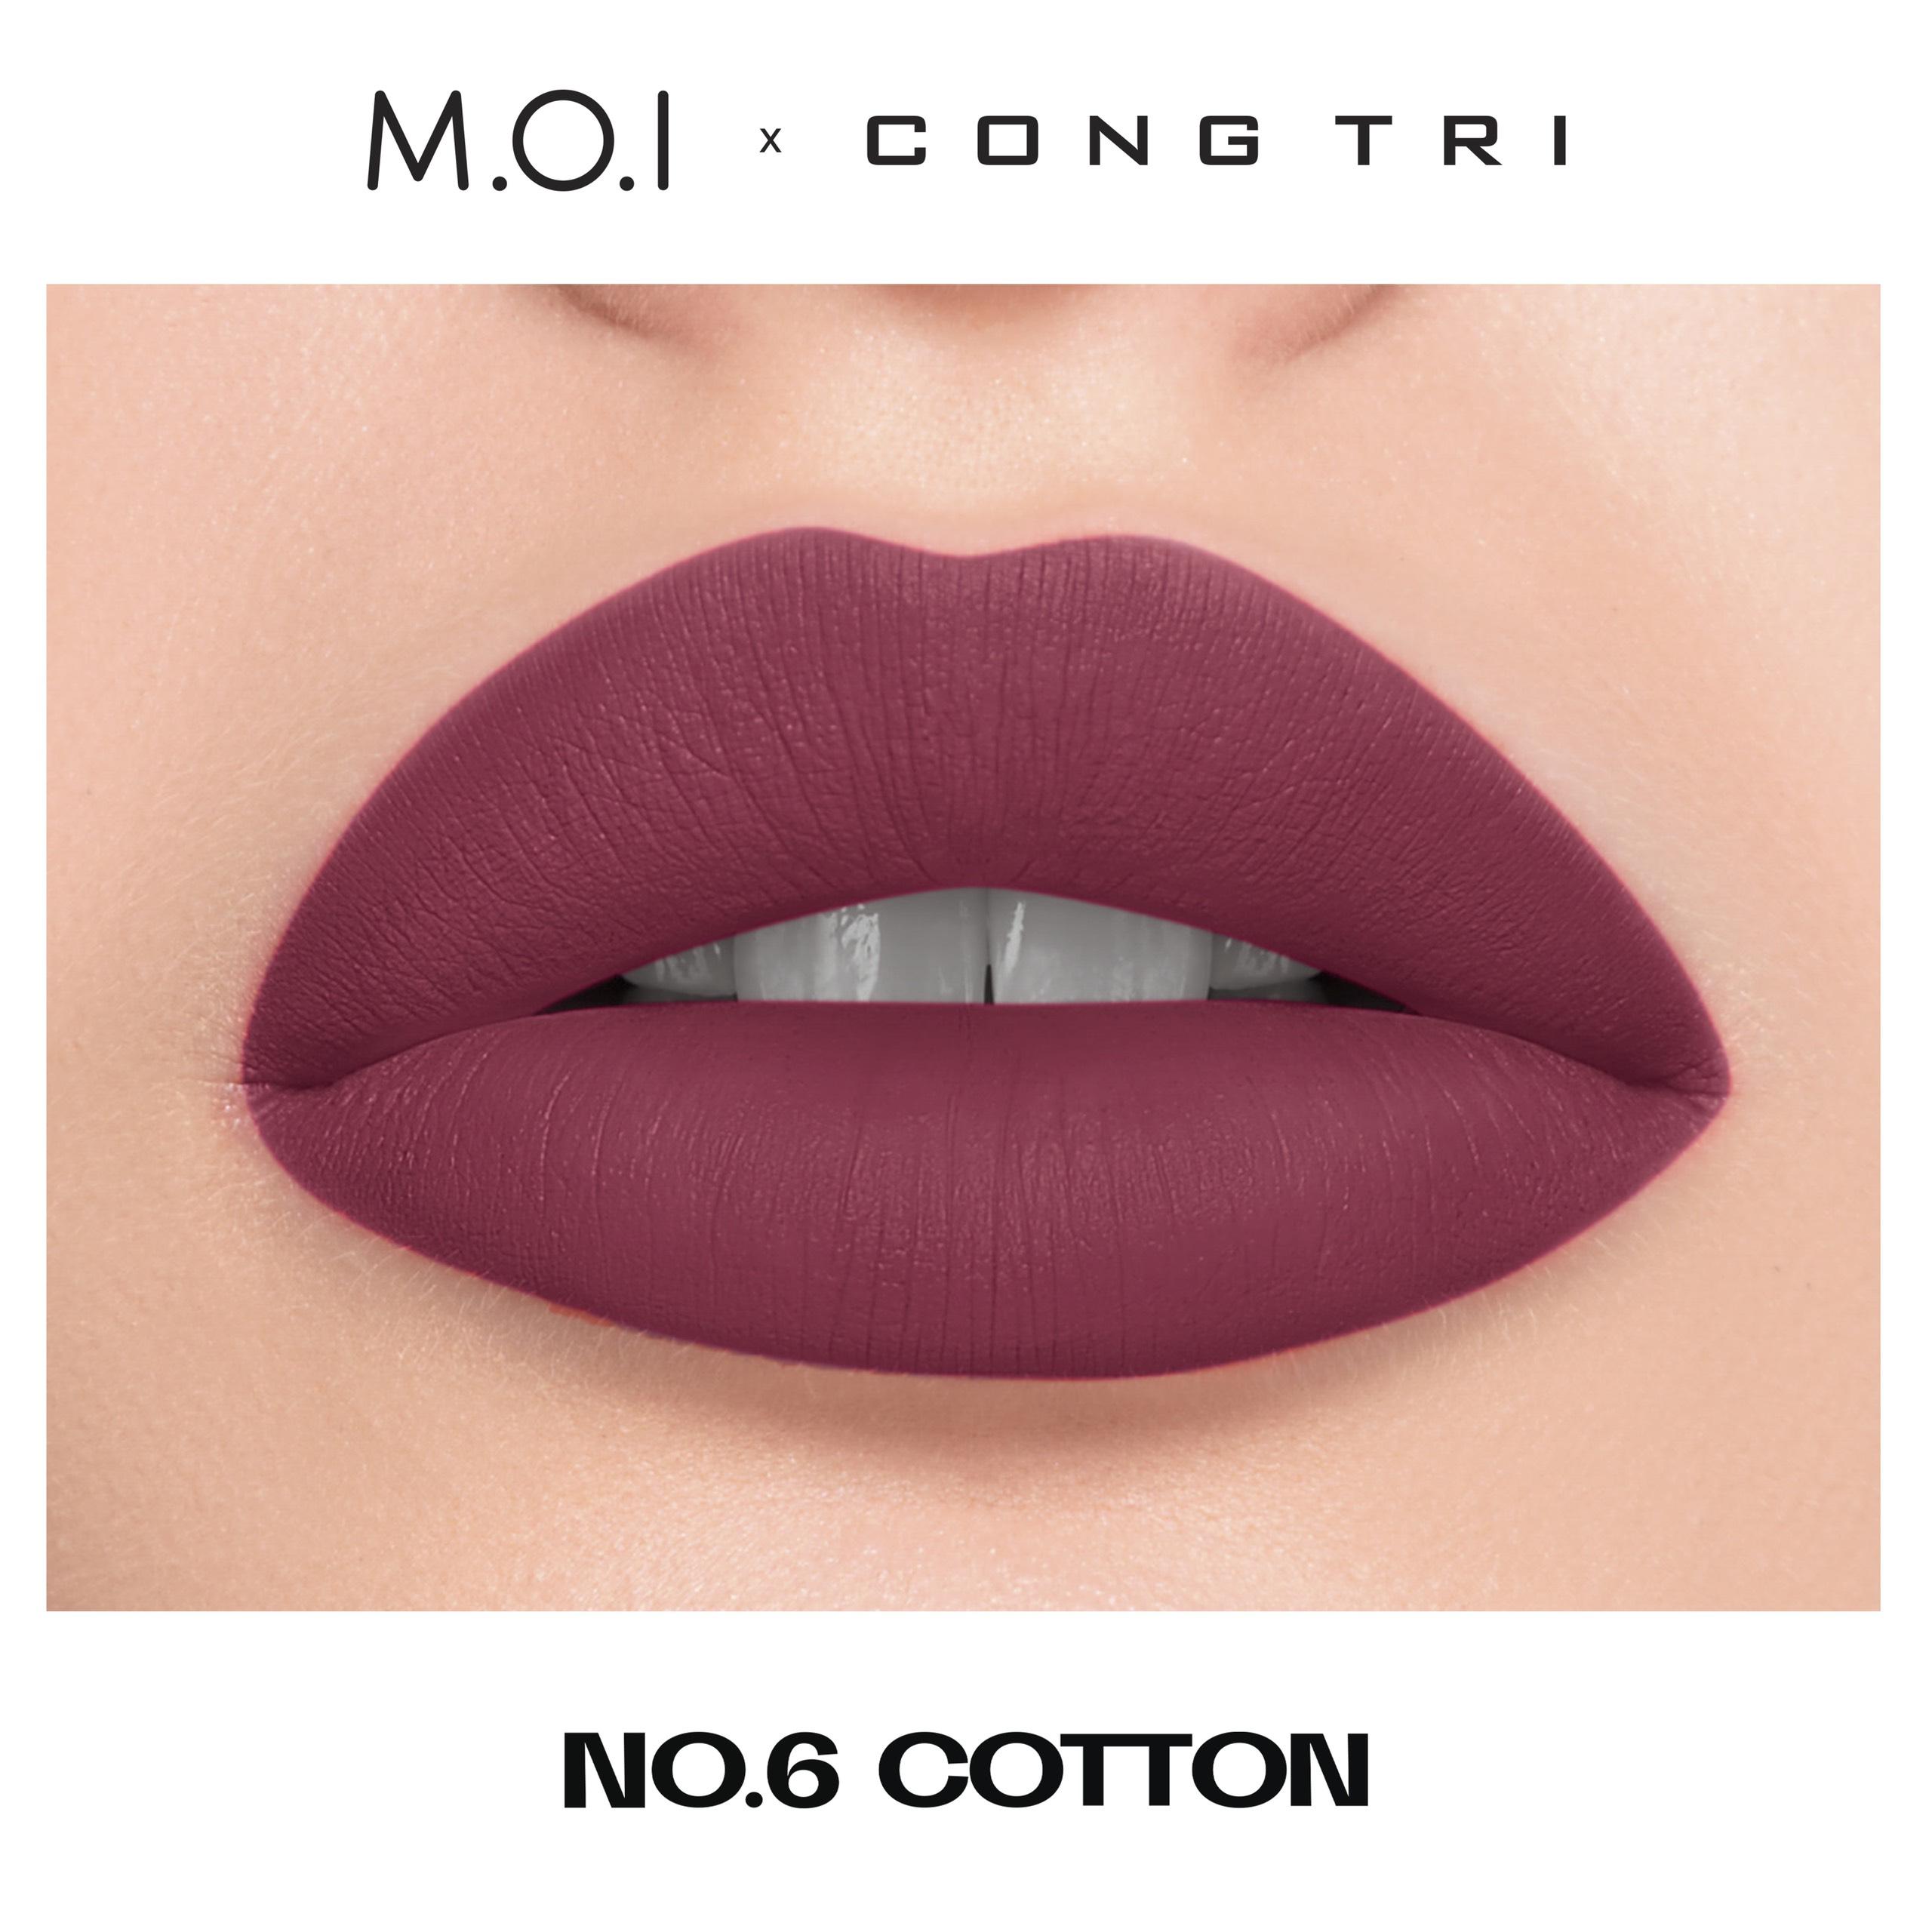 NO.06 - COTTON- BST SON M.O.I x CÔNG TRÍ.